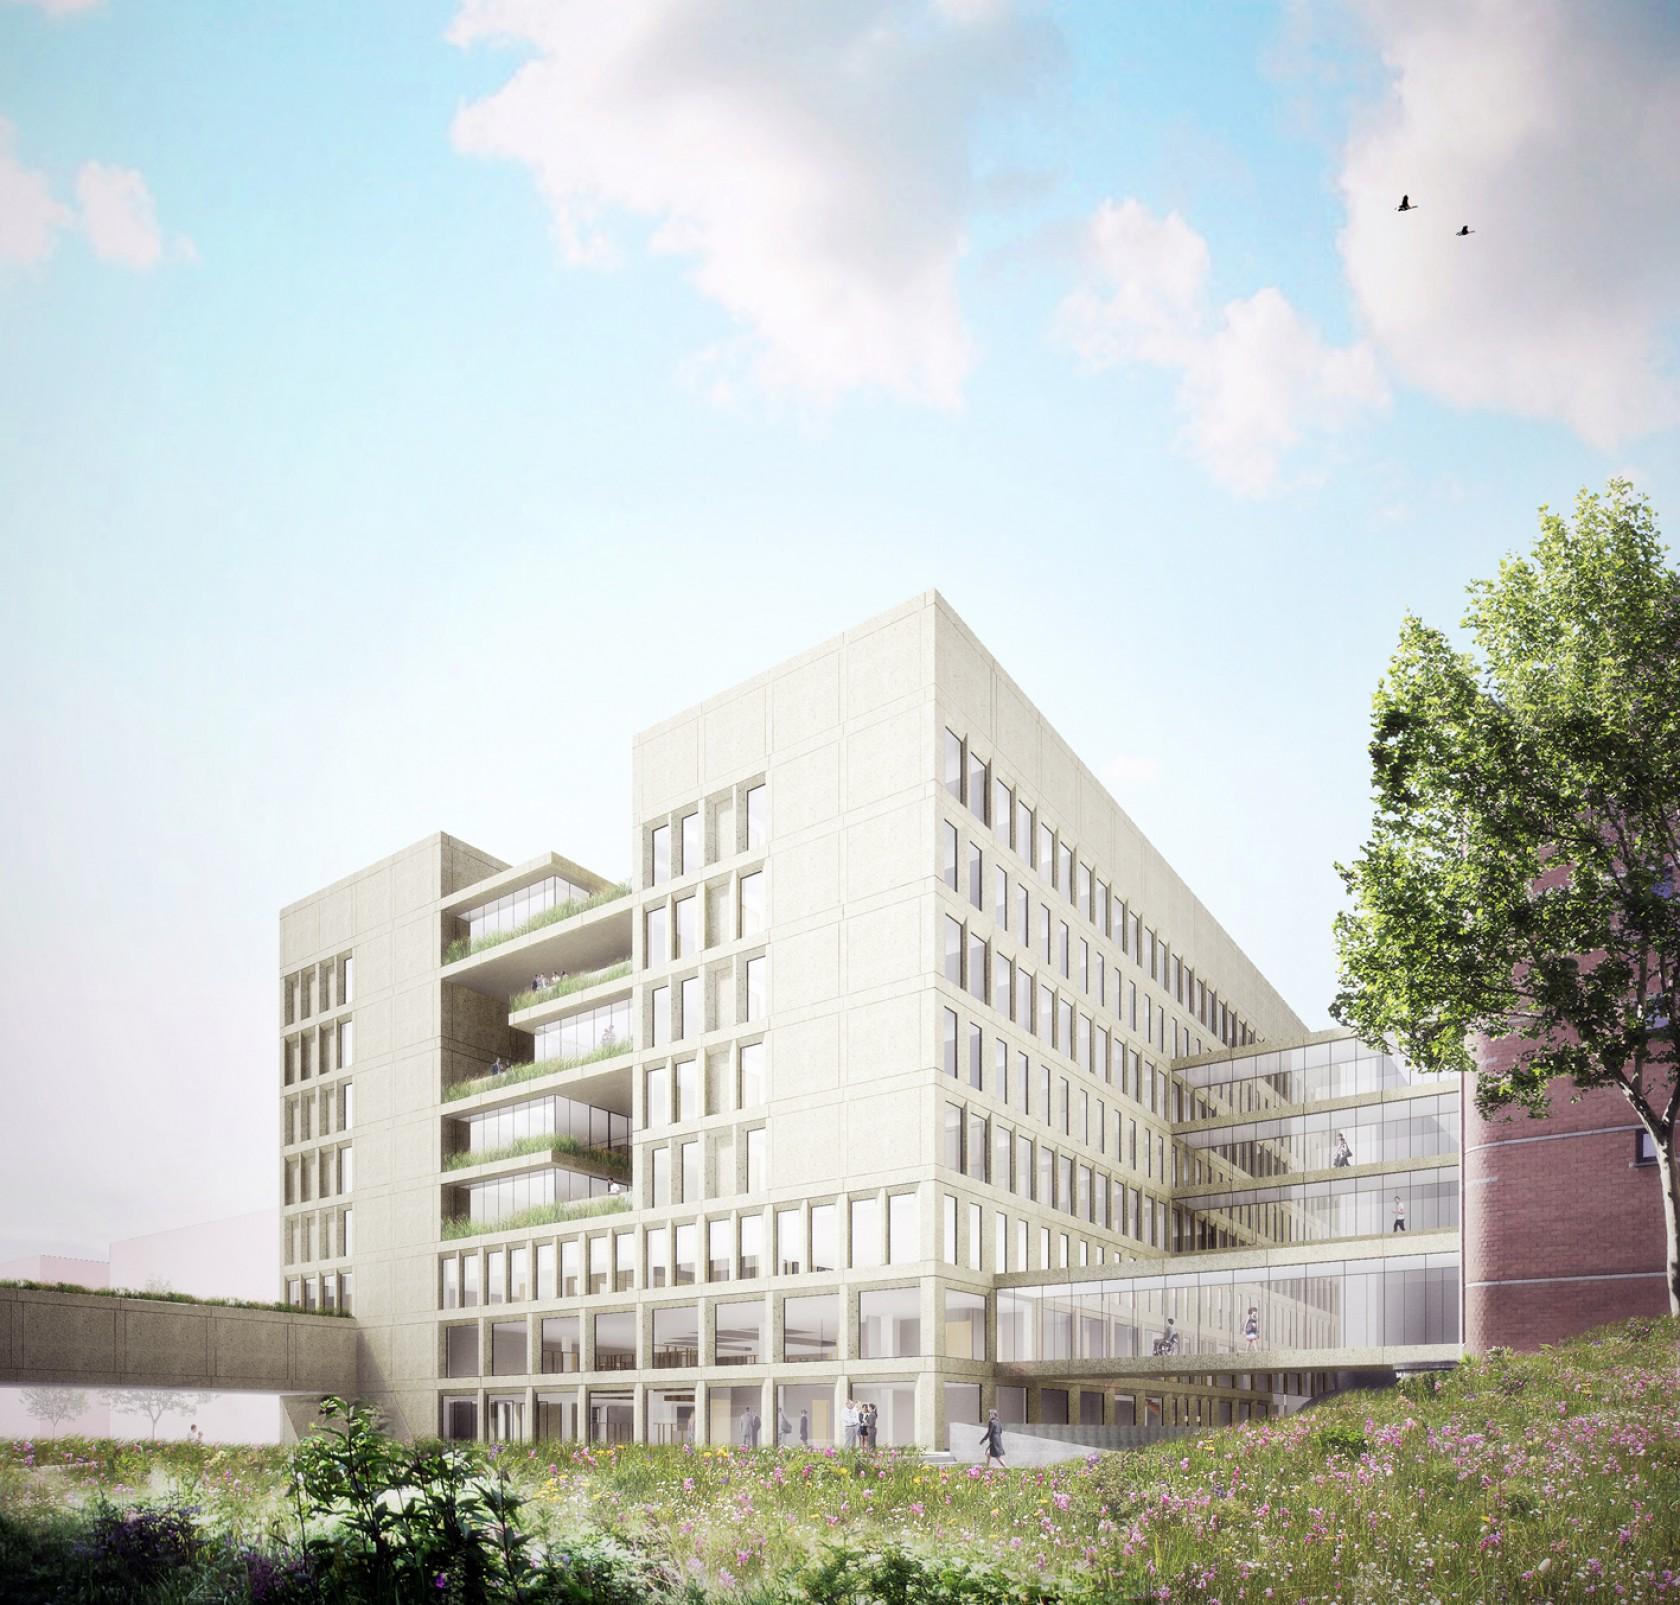 Abscis Architecten - Visualisatie zicht vanop binnenplein